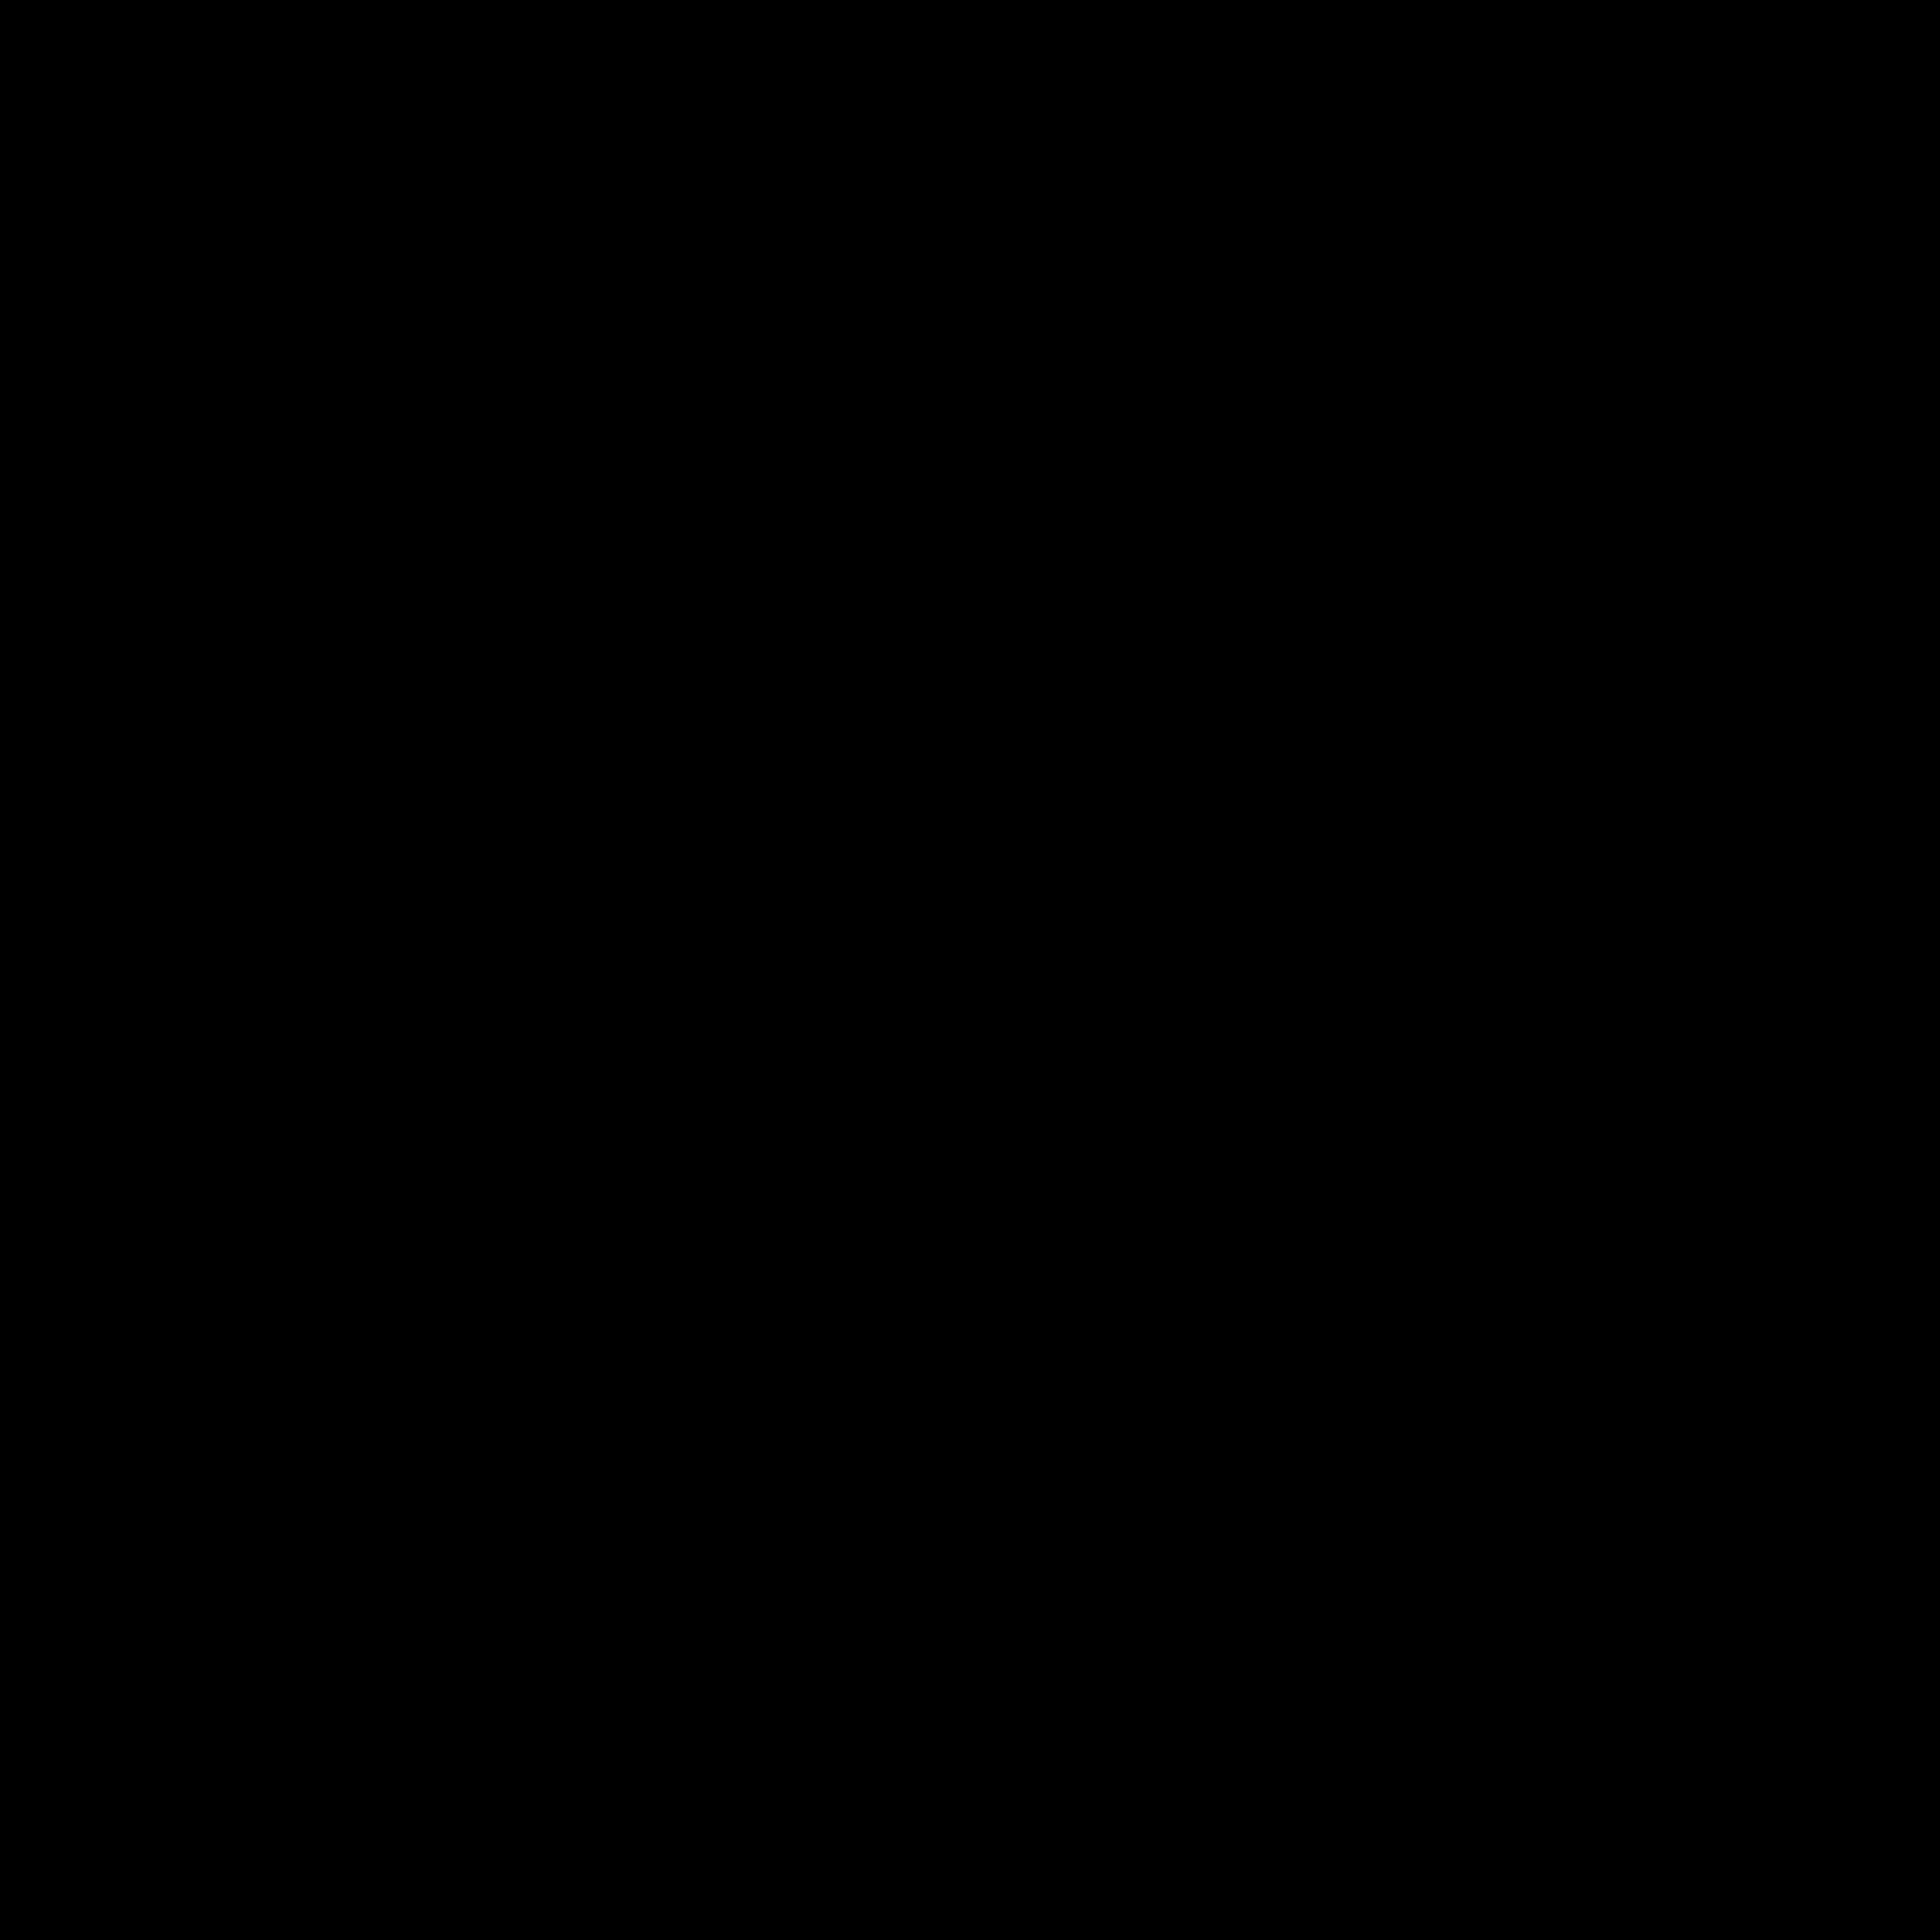 nestle-3-logo-png-transparent